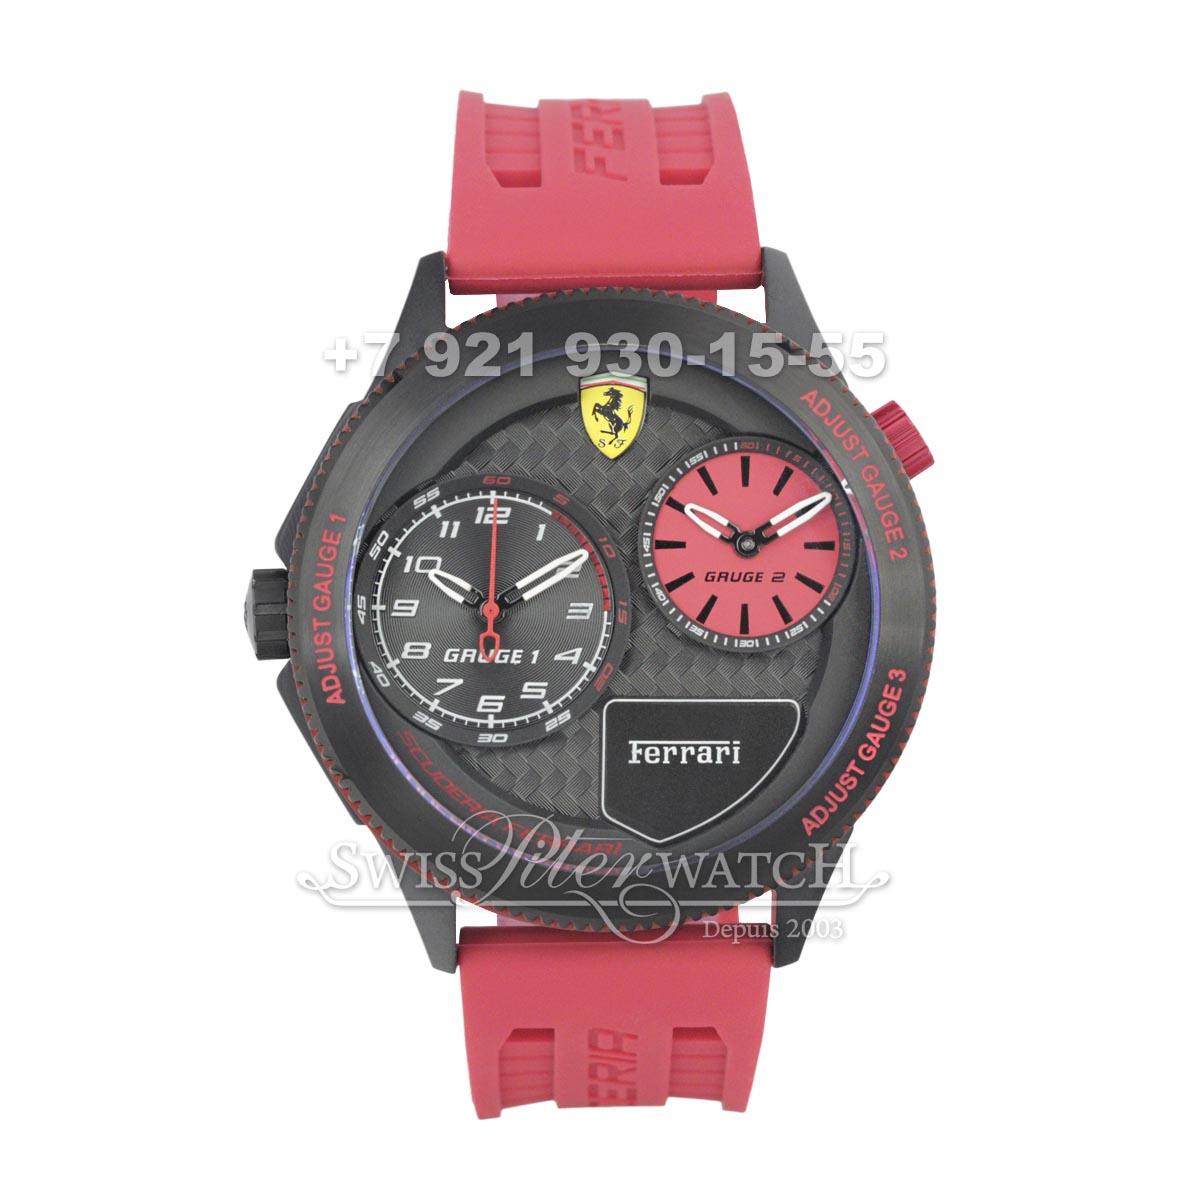 bf2ee967 Купить Ferrari 027.025 (копия) в интернет-магазине часов в Санкт-Петербурге